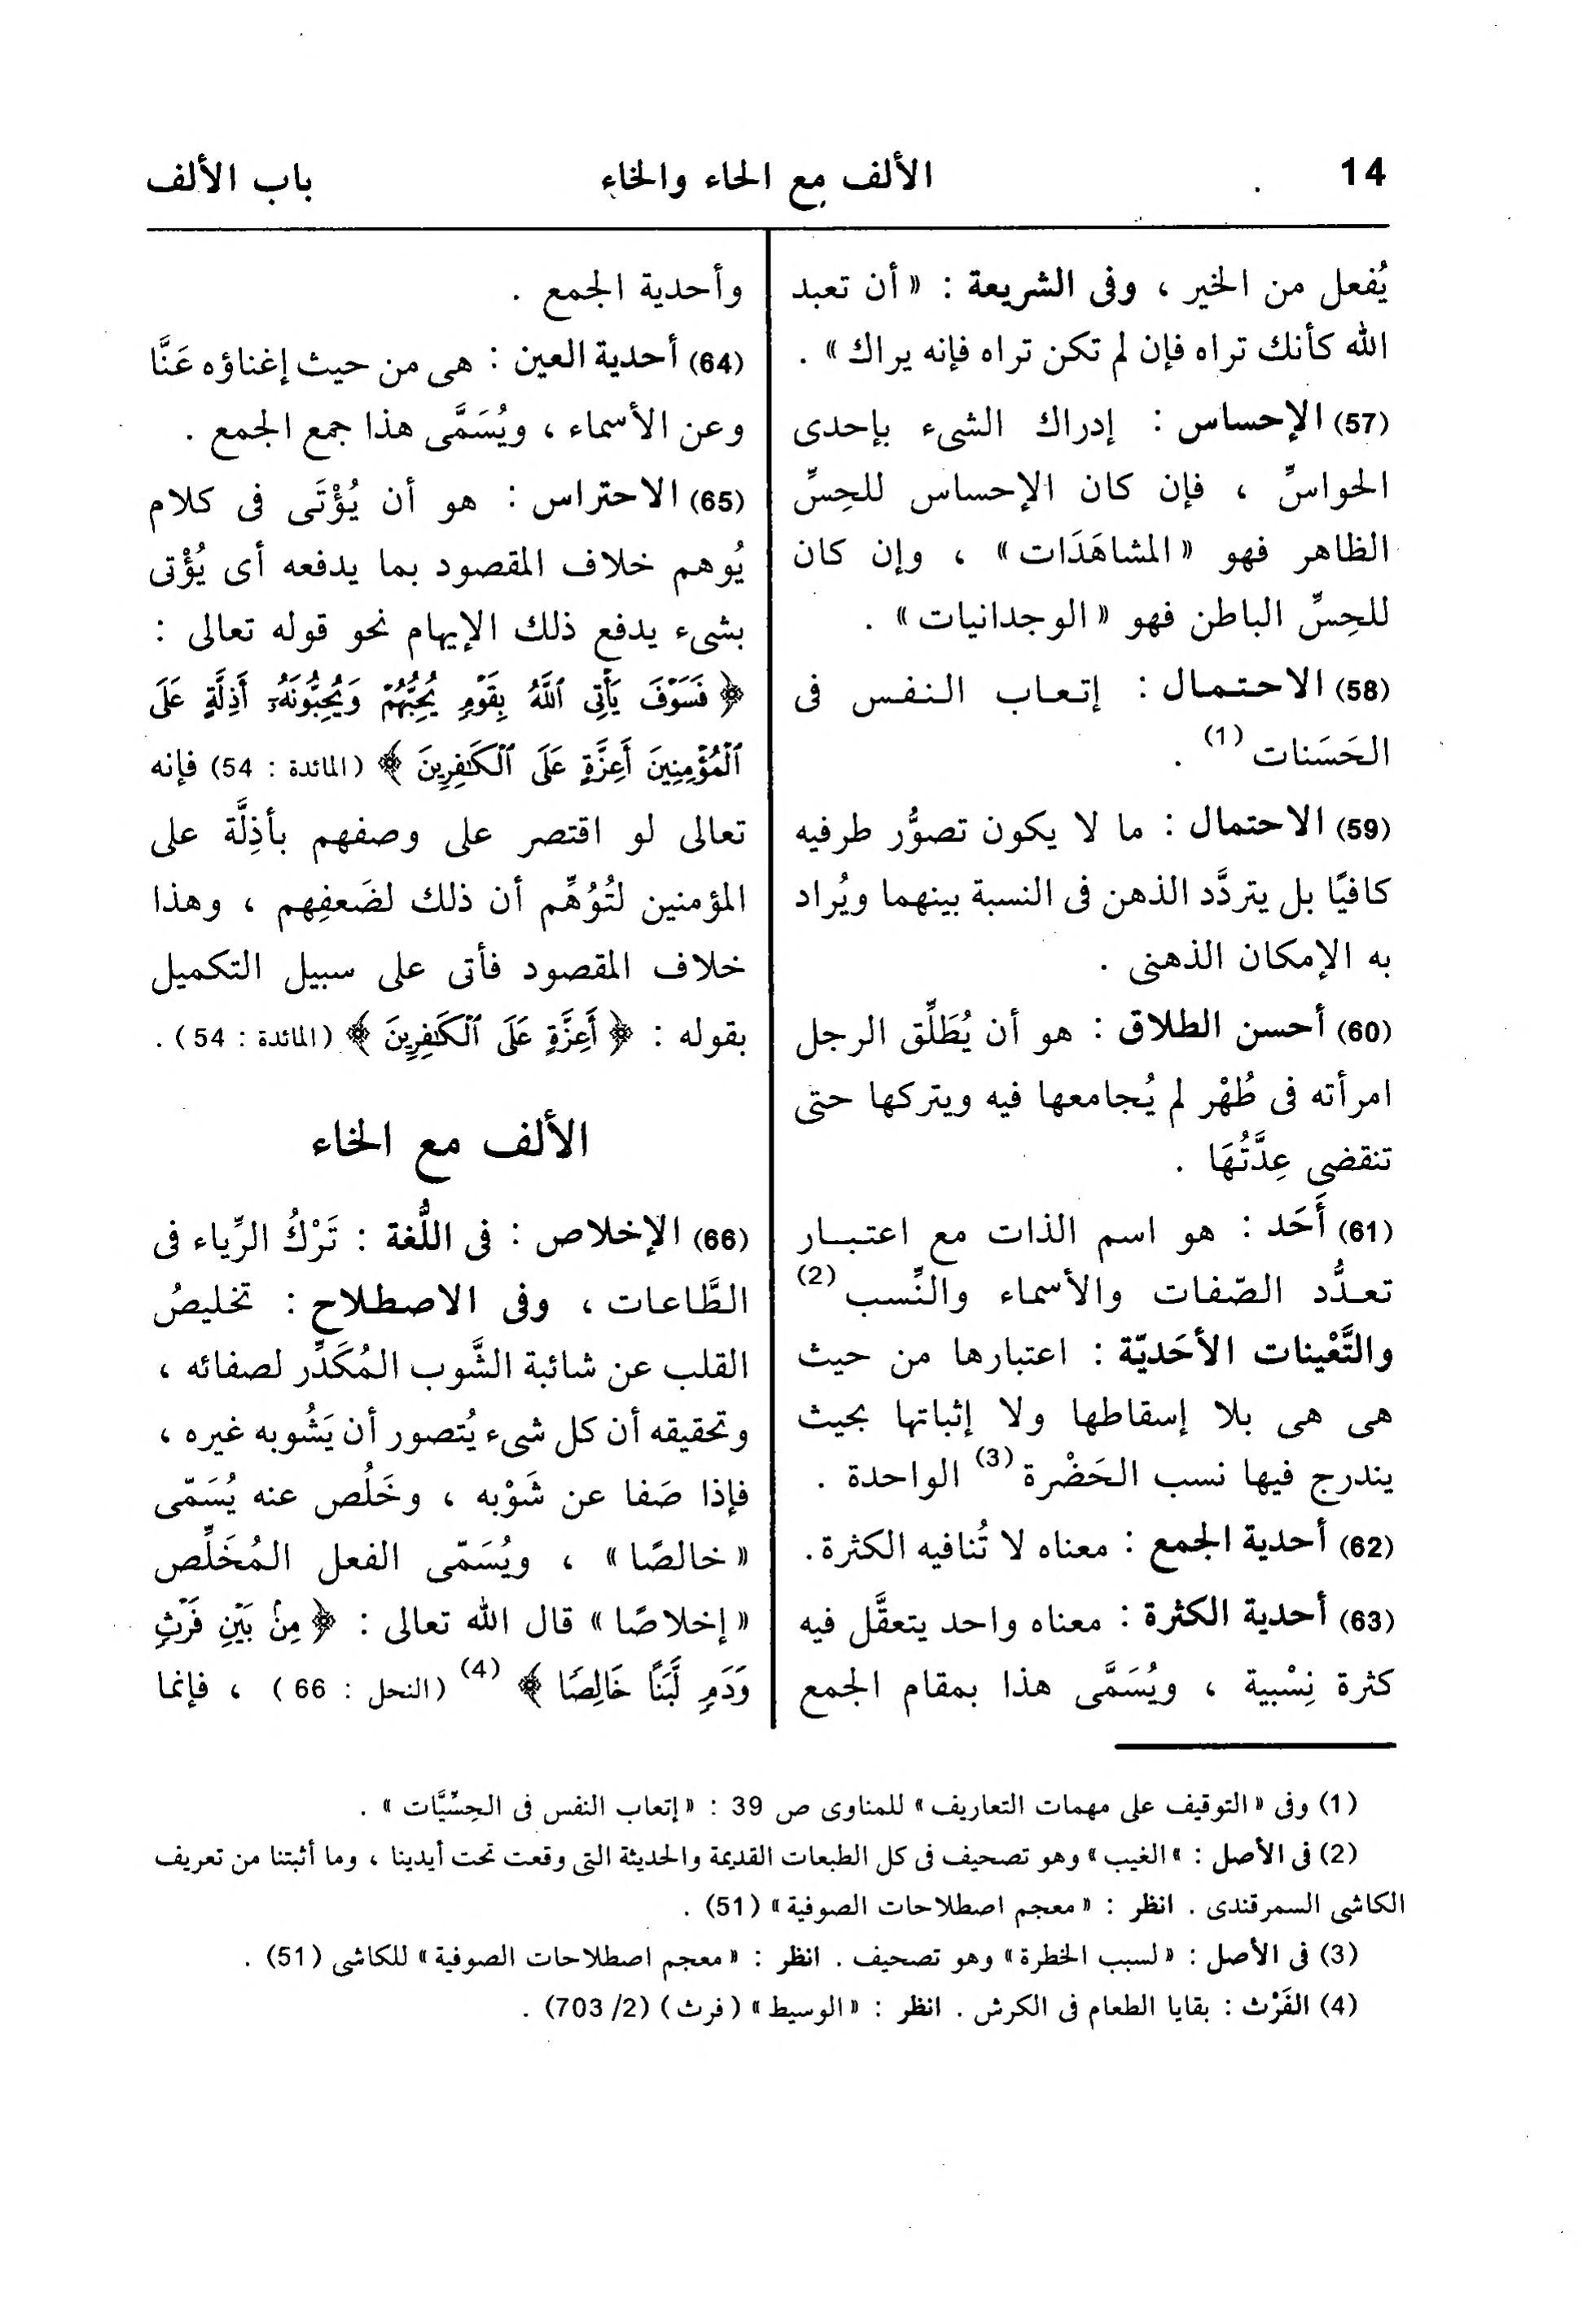 المعاجم اللغوية مجموعة متميزة وشاملة من معاجم اللغة العربية Books Free Download Pdf Sheet Music Math